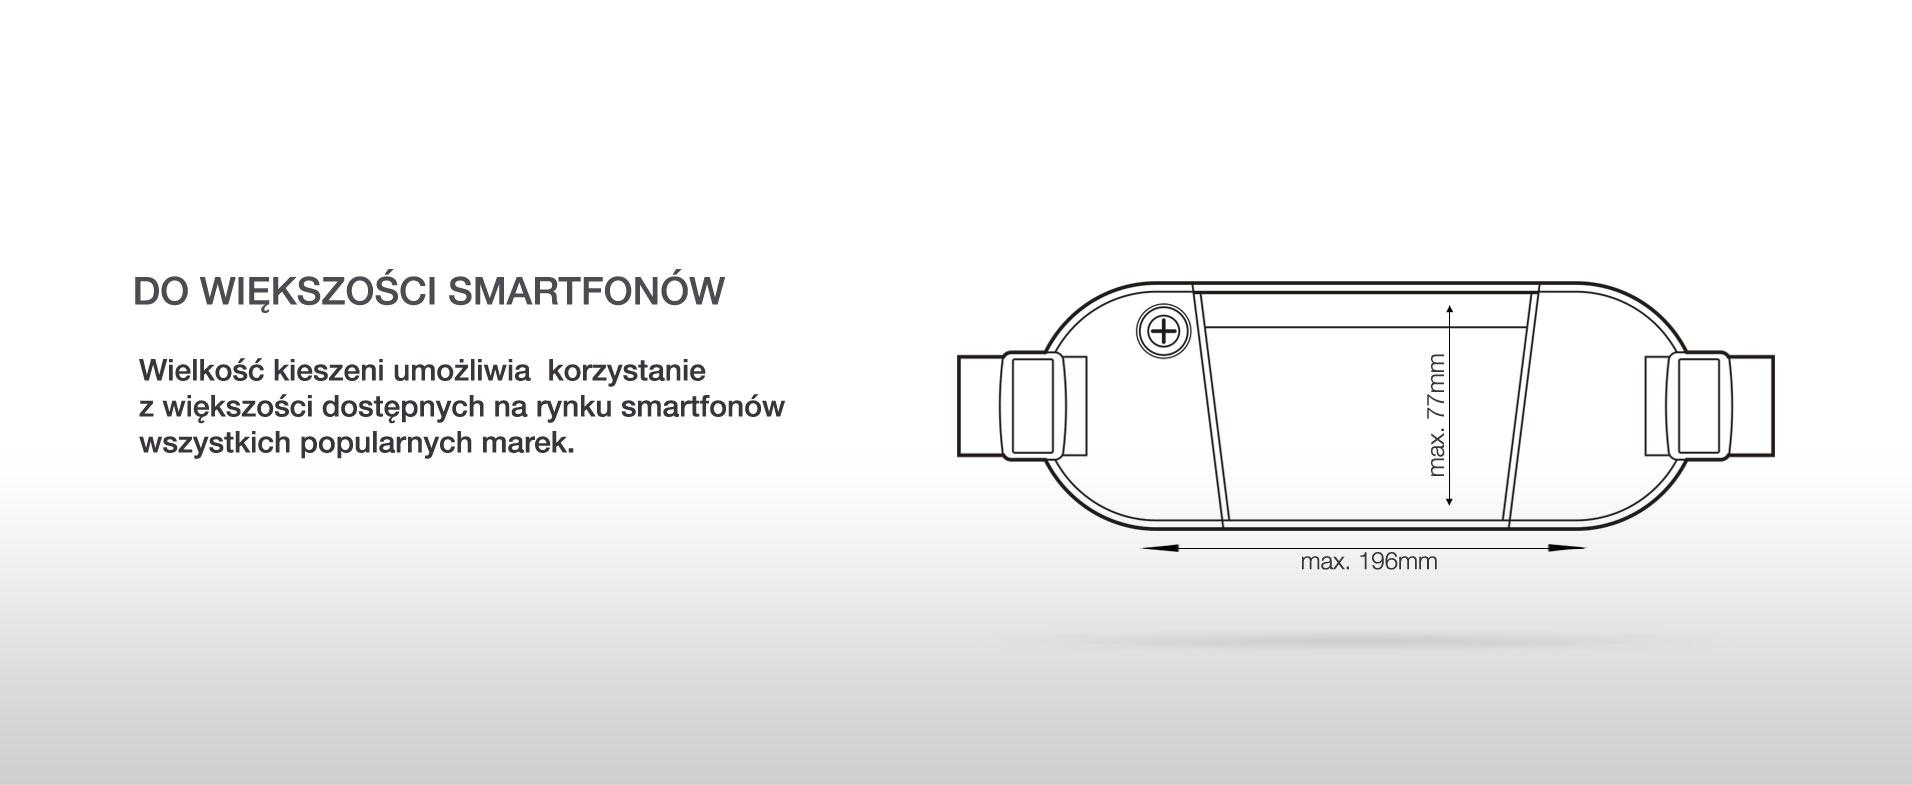 DO WIĘKSZOŚCI SMARTFONÓW. Większości dostępnych na rynku smartfonów wszystkich popularnych marek.